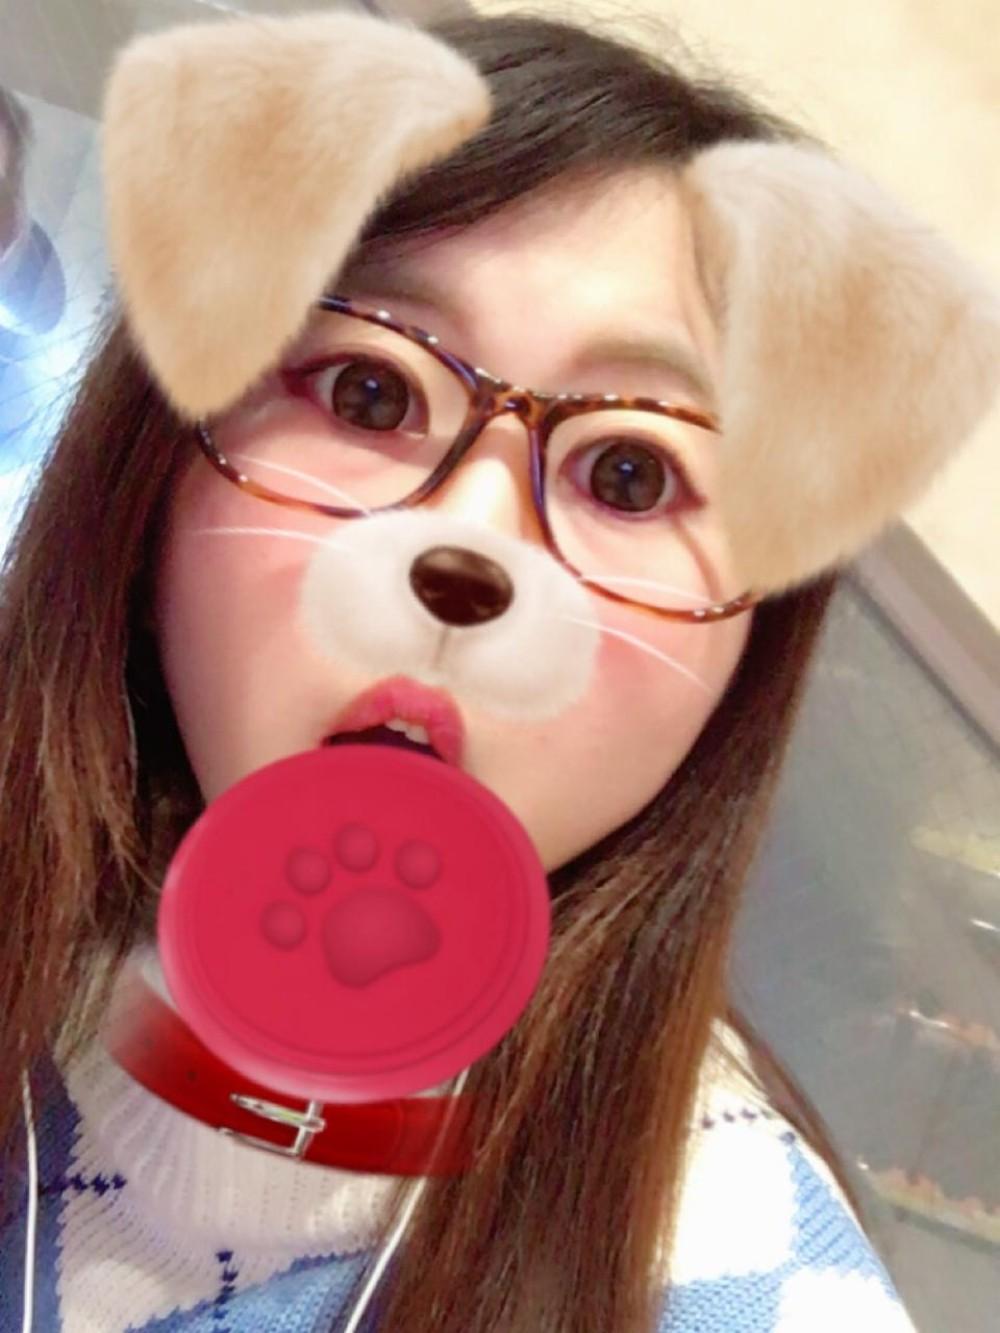 みのりん( )